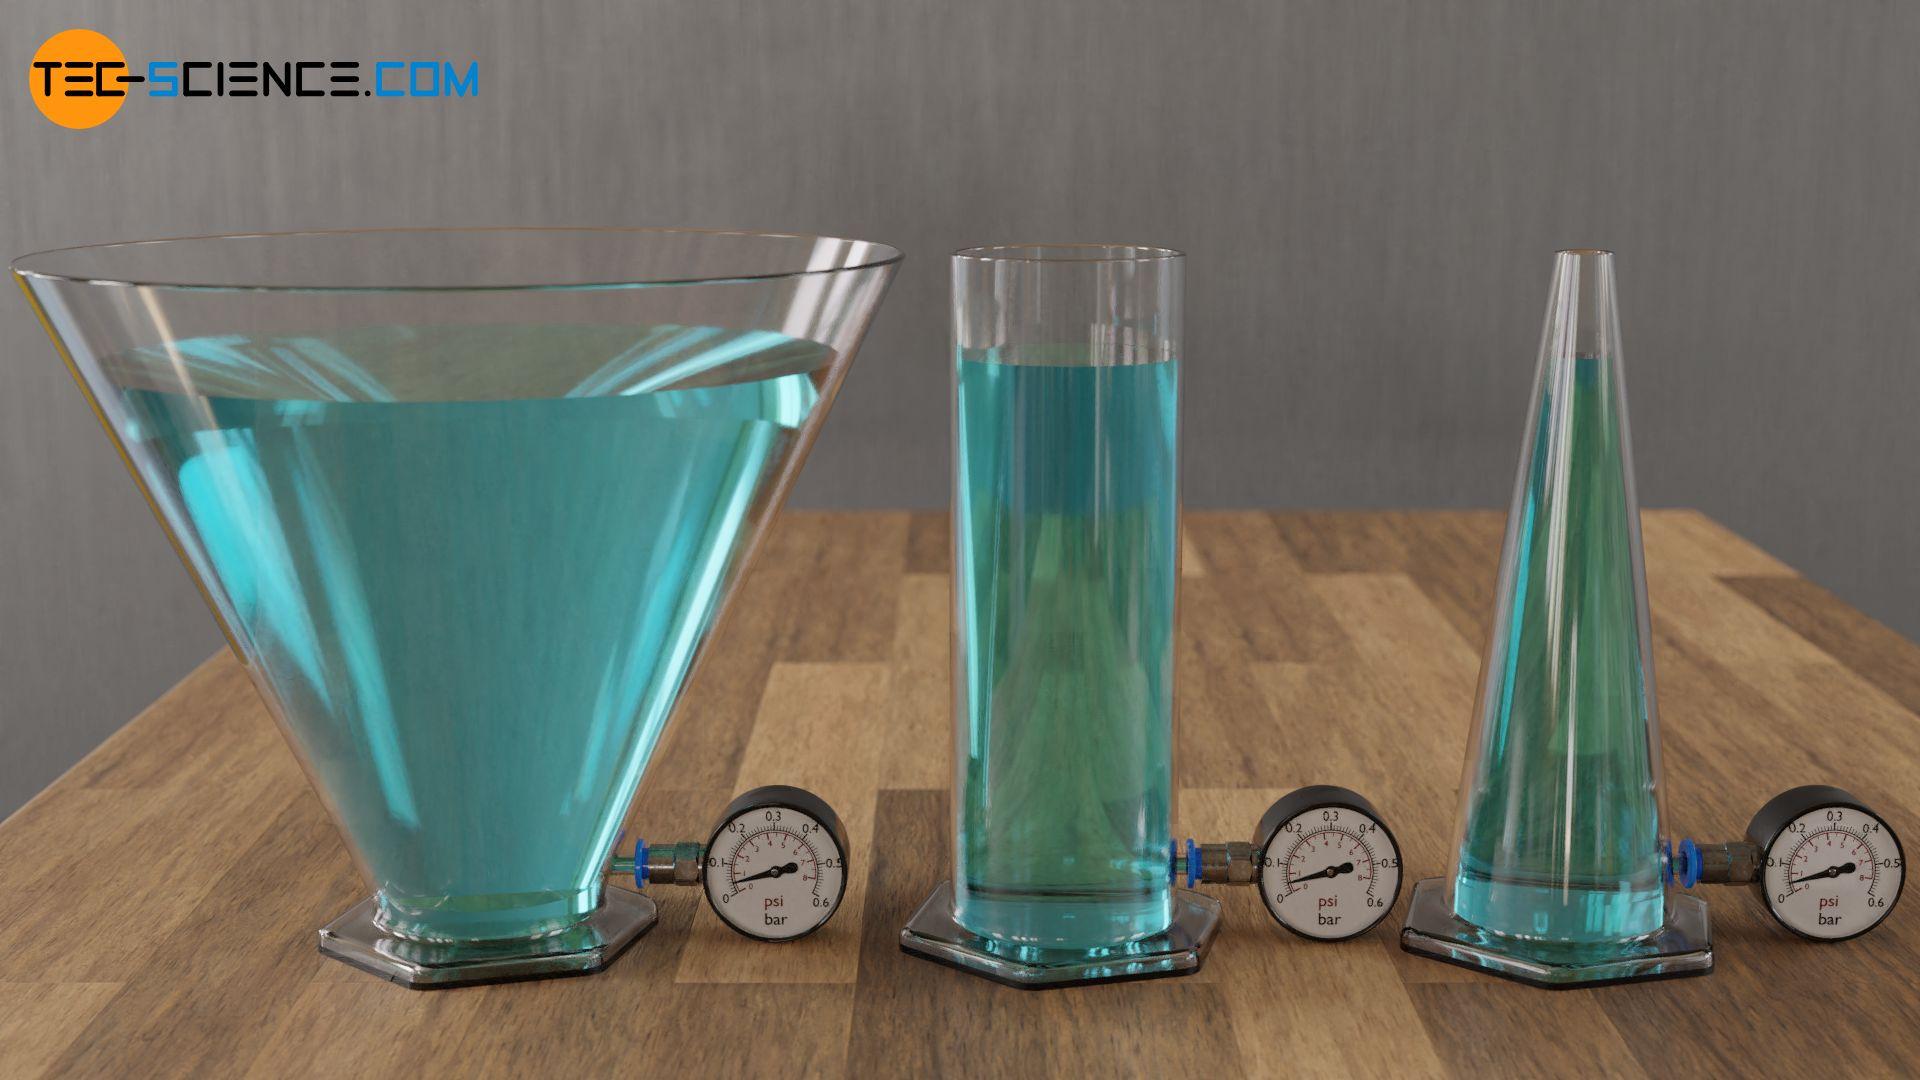 Einfluss der Gefäßform auf den hydrostatischen Druck